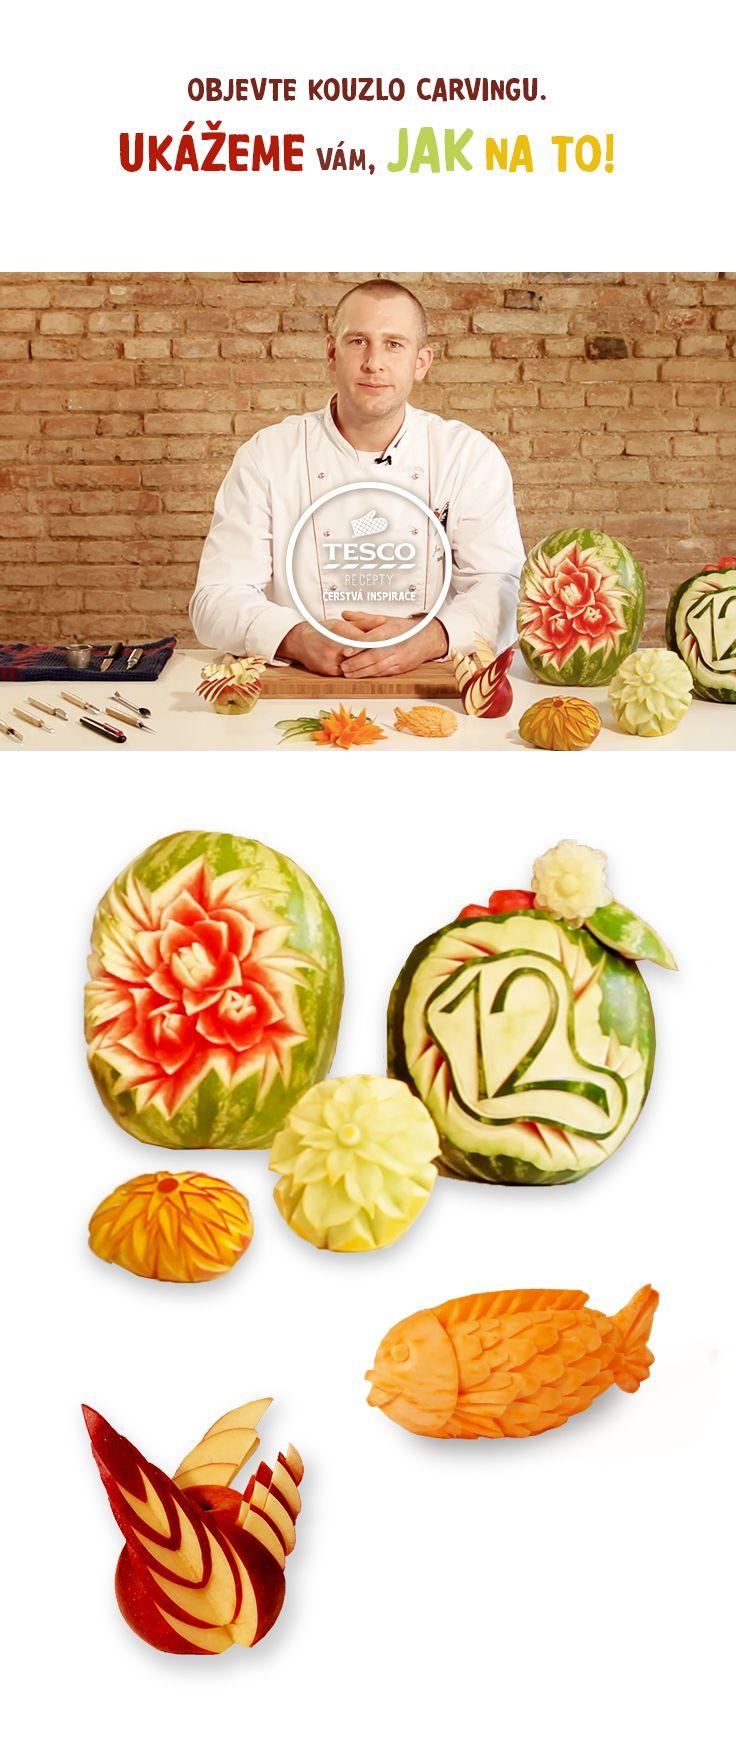 Objevte kouzlo carvingu. Ukážeme vám, jak na to!